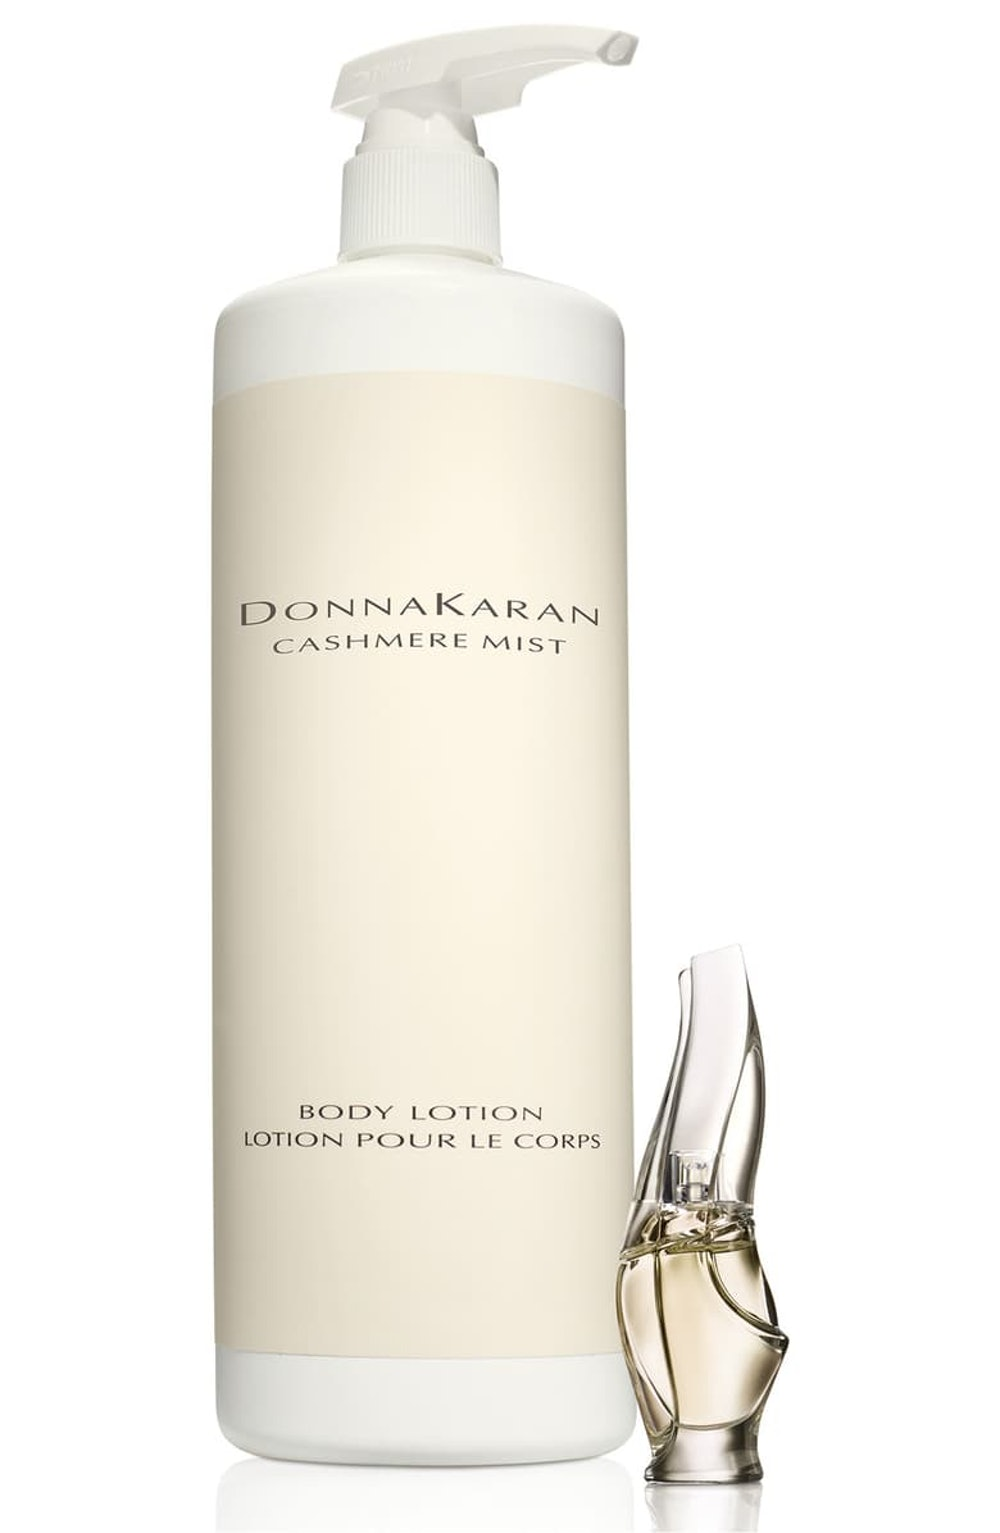 Donna Karan Cashmere Mist Jumbo Body Lotion & Travel Size Eau de Parfum